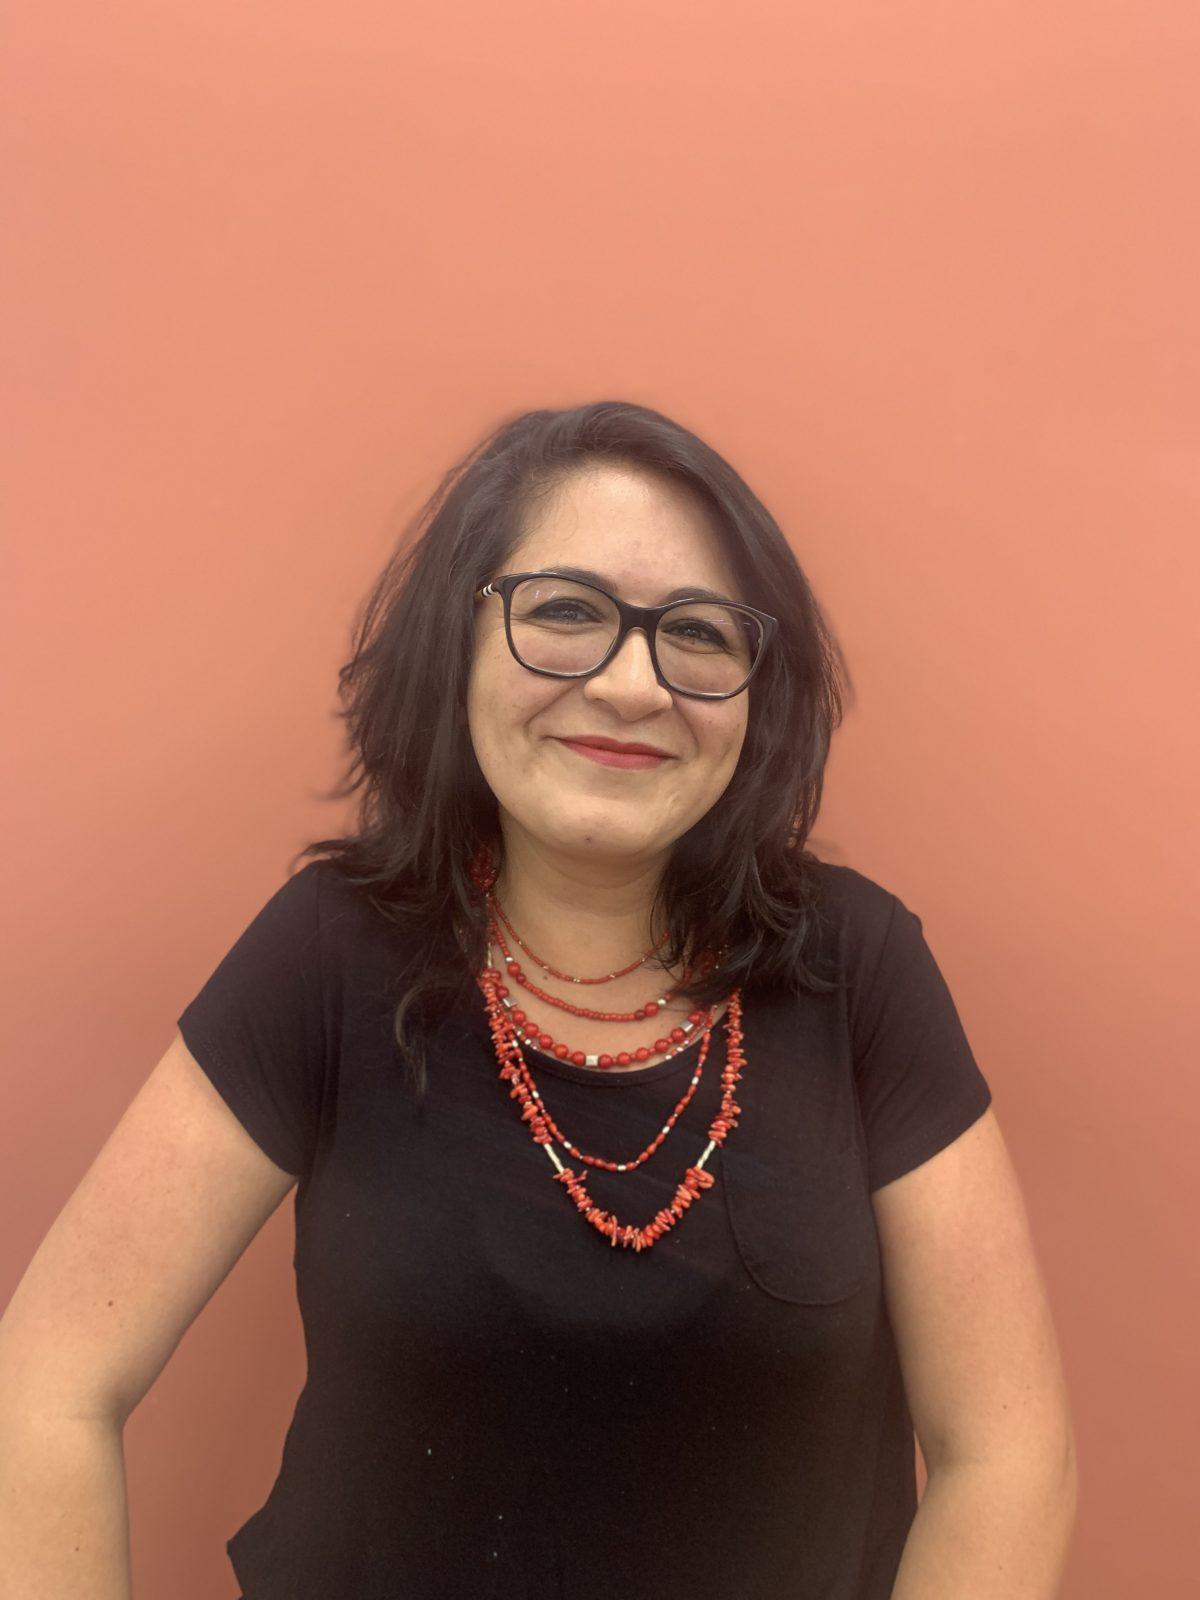 Maria Fernanda Reyes Ocaña